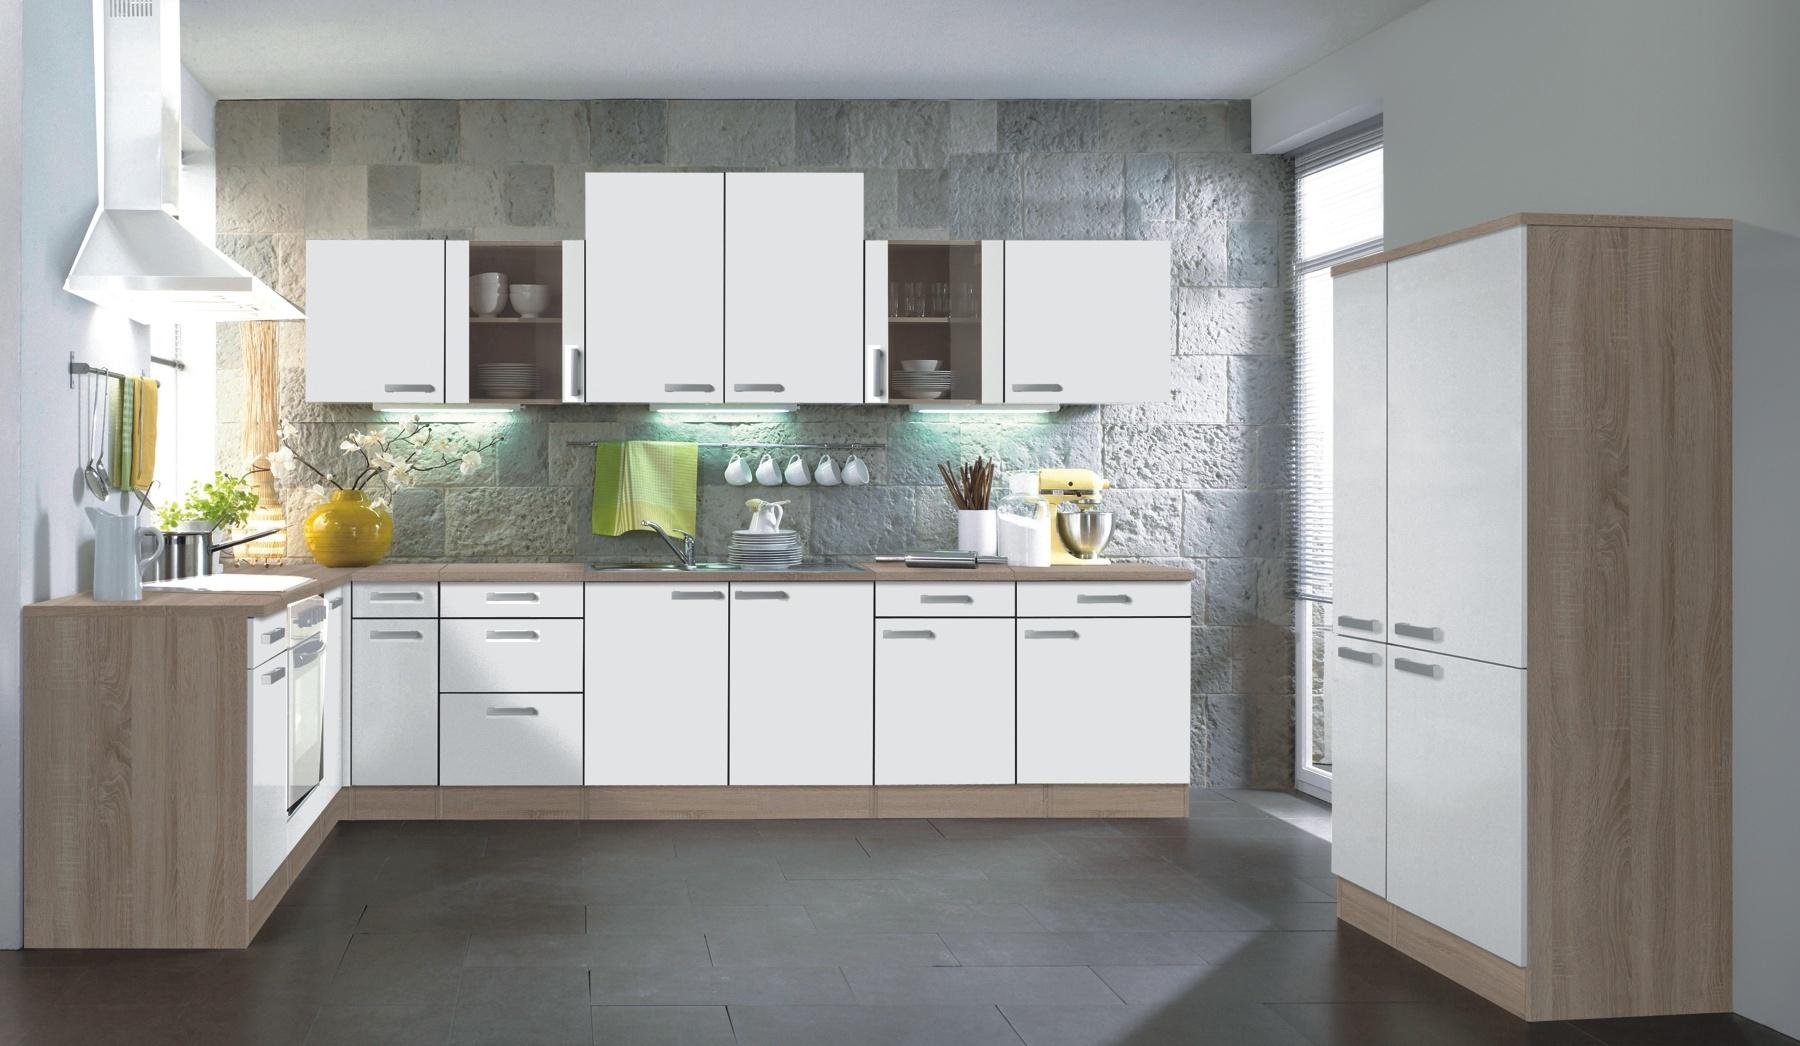 Küche Ohne Geräte Obi